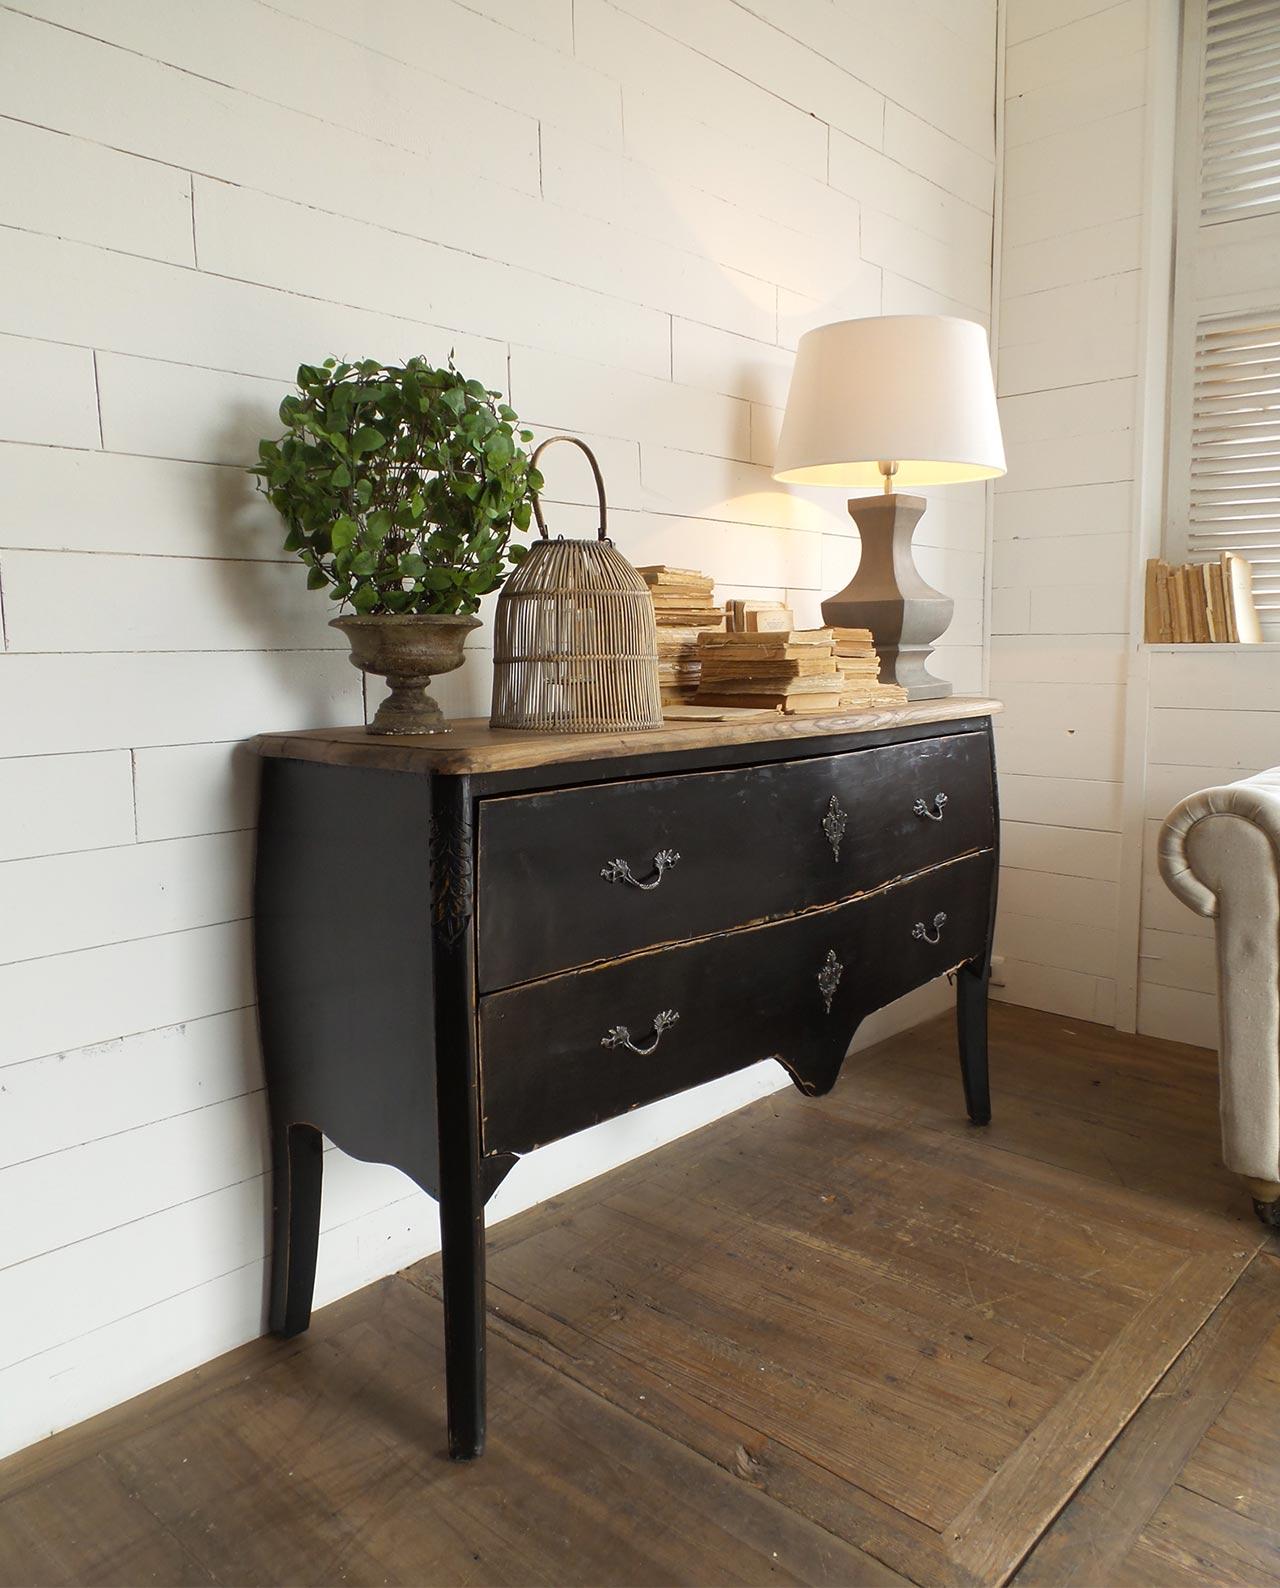 Cassettone legno nero vintage mobilia store home favours for Mobilia recensioni